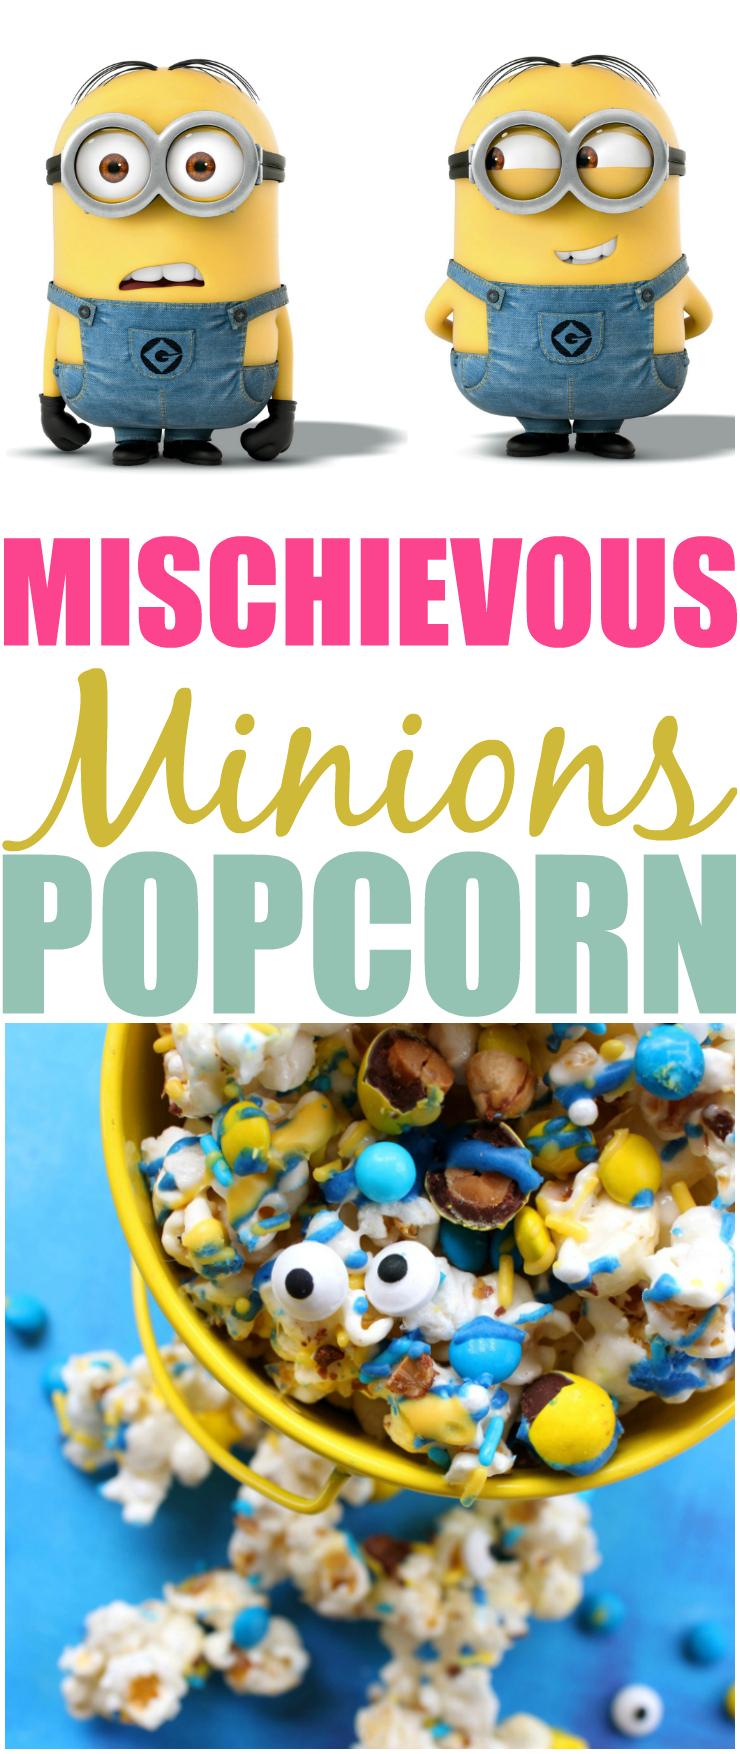 Minions Popcorn Recipe Despicable Me 3